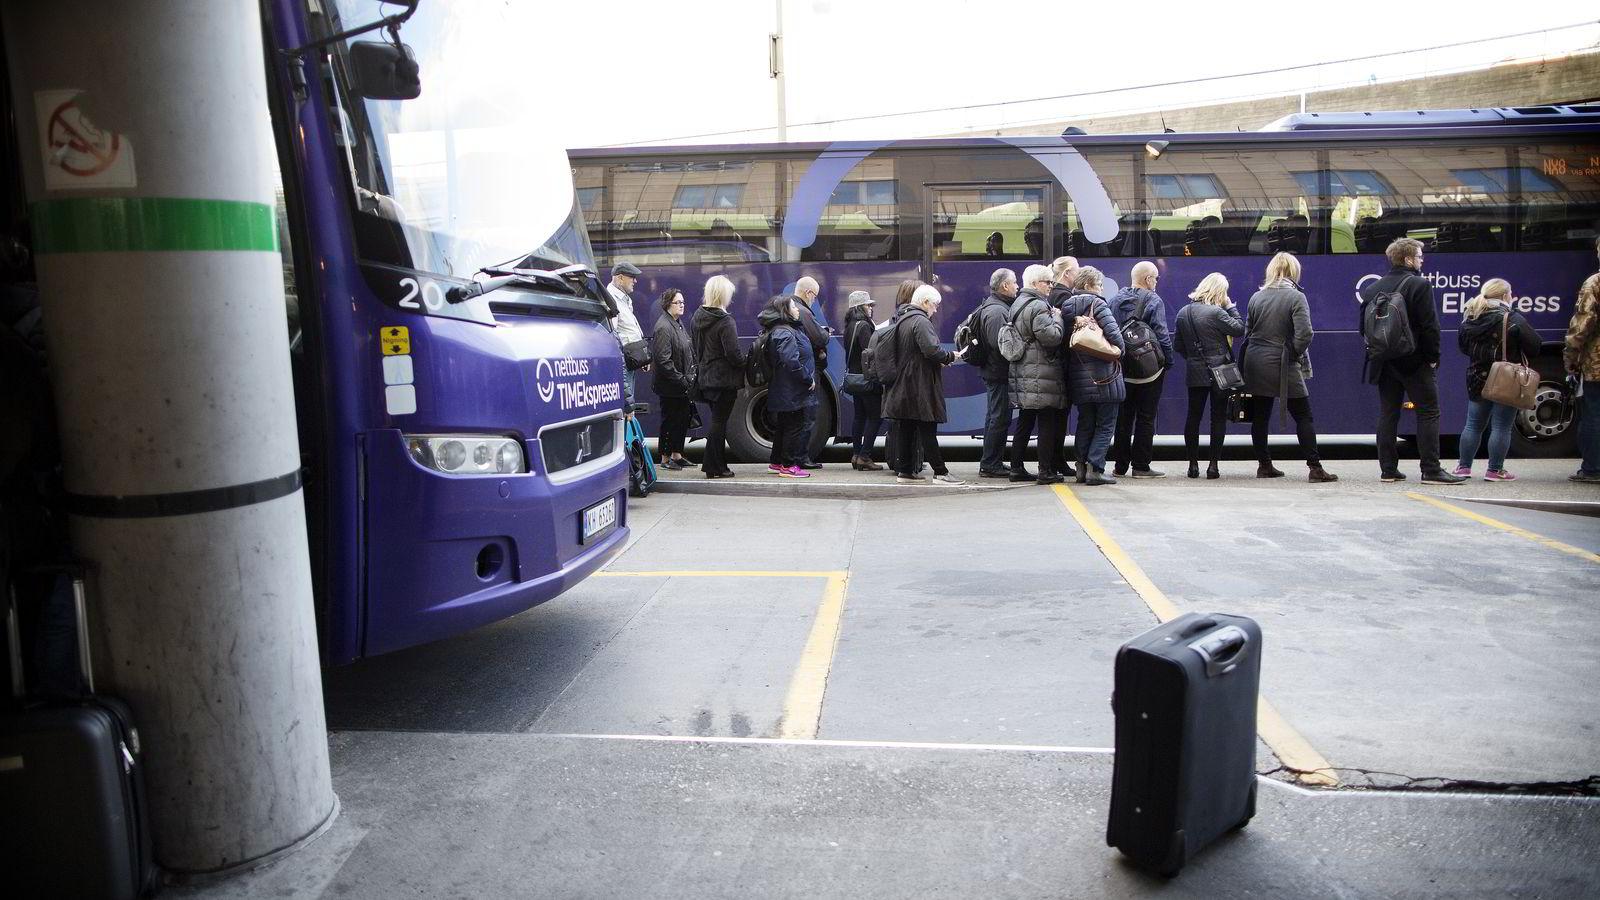 Mange måtte ta buss istedenfor tog denne uken på grunn av togstreik.